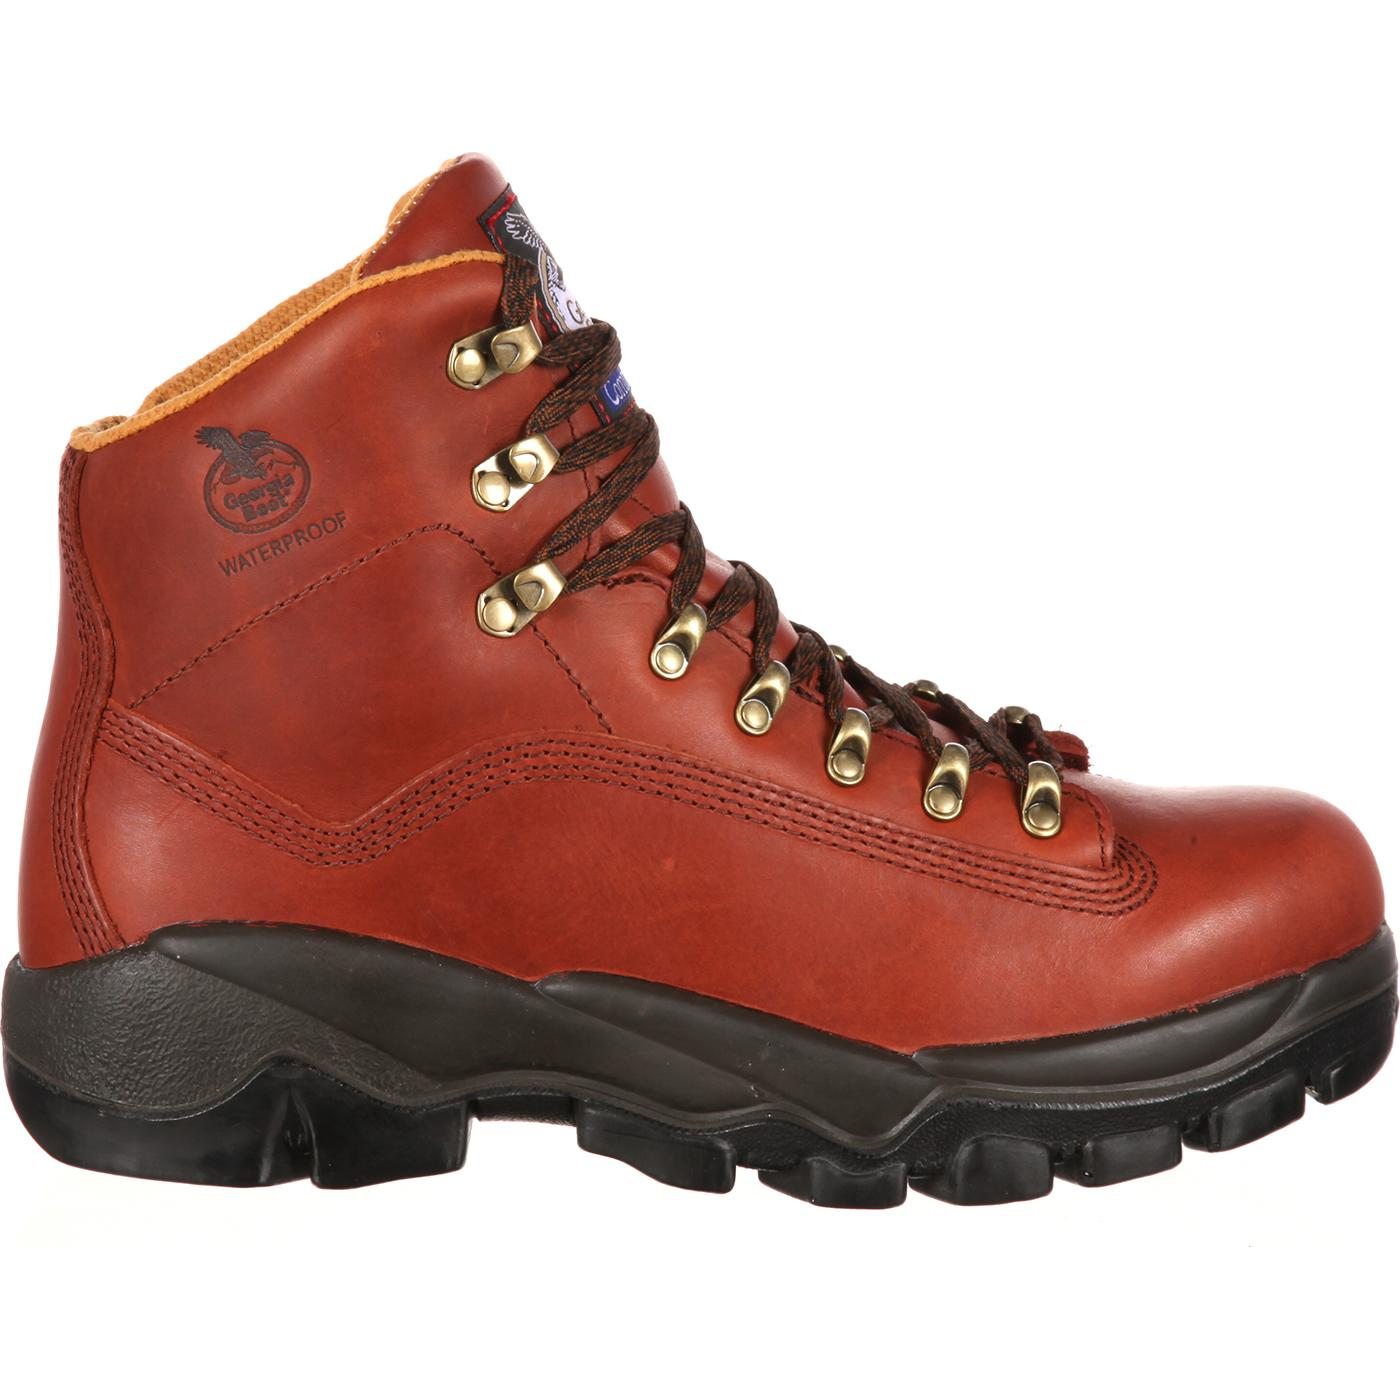 Georgia Boot Men S Waterproof Hiker Work Boots G7532